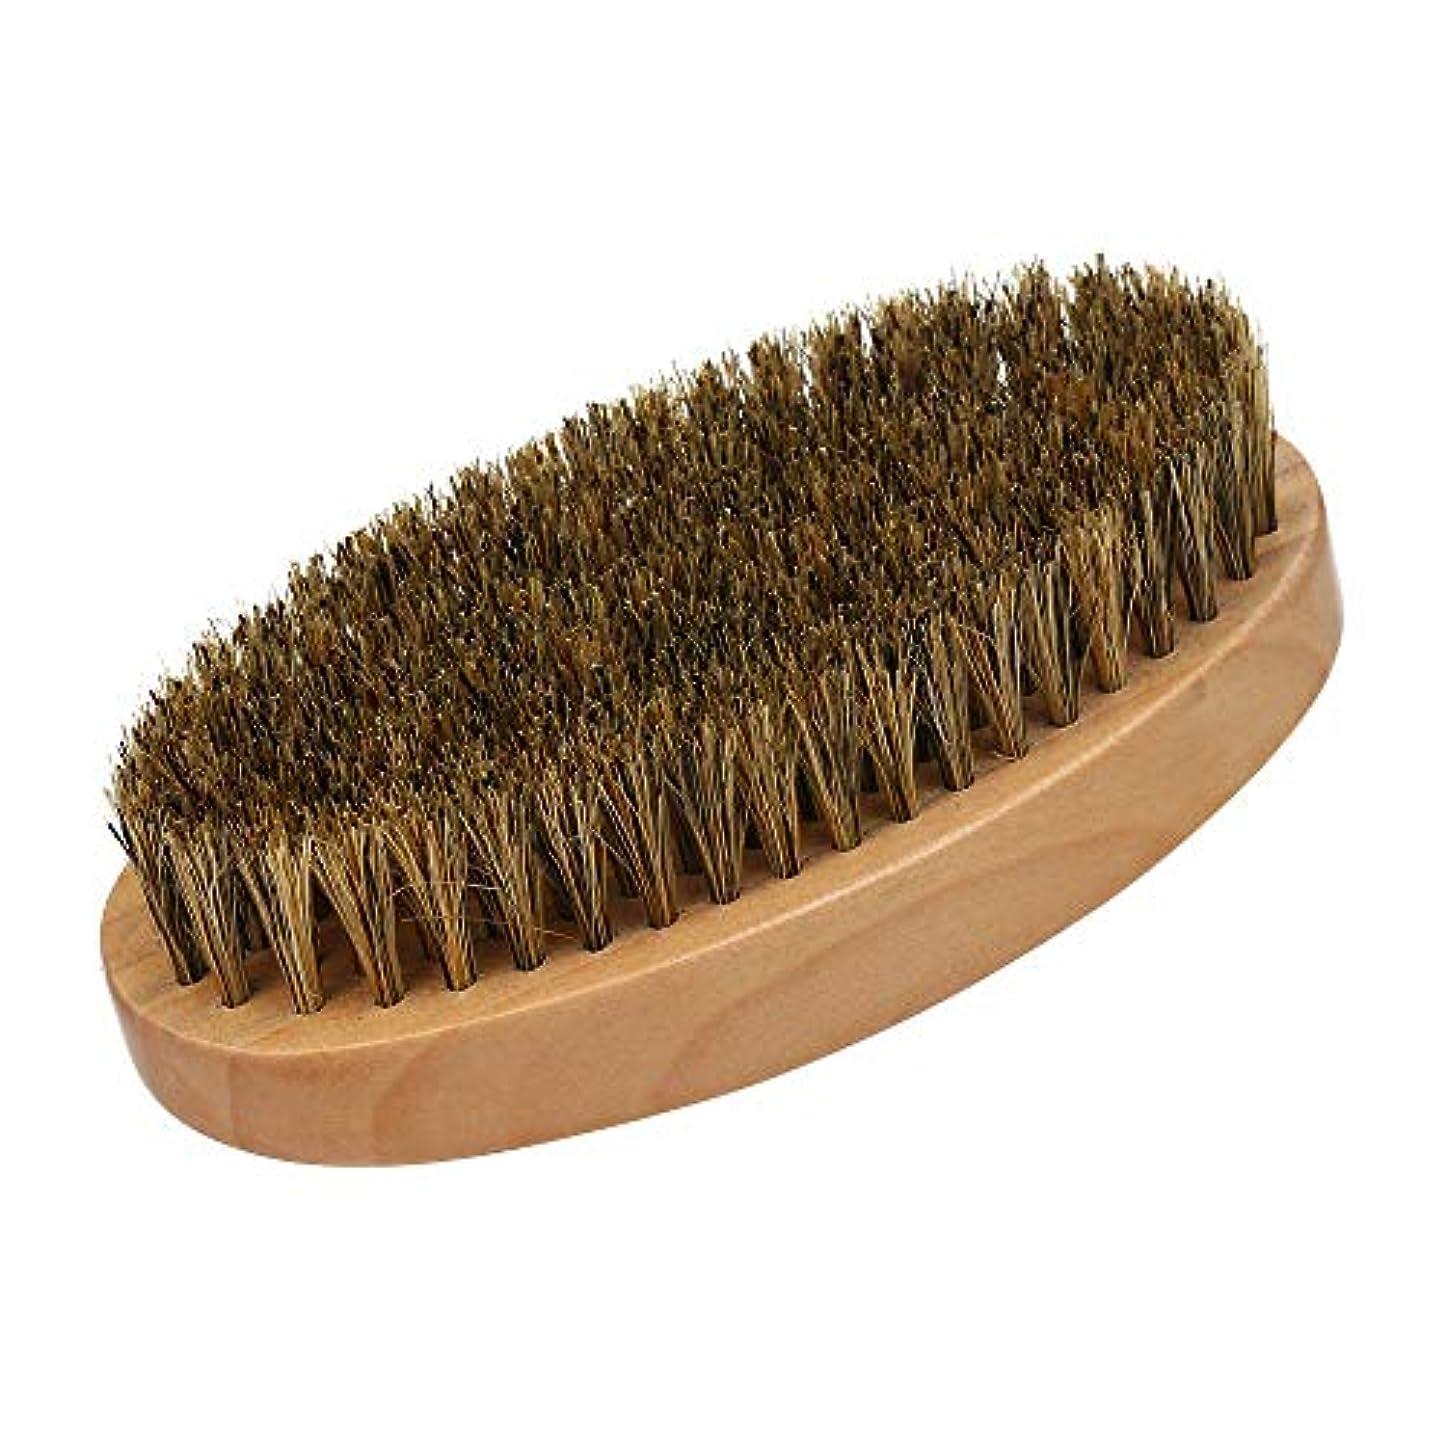 除去便利さ秘密のDecdeal ひげブラシ シェービング用ブラシ メンズシェービングブラシ髭剃り